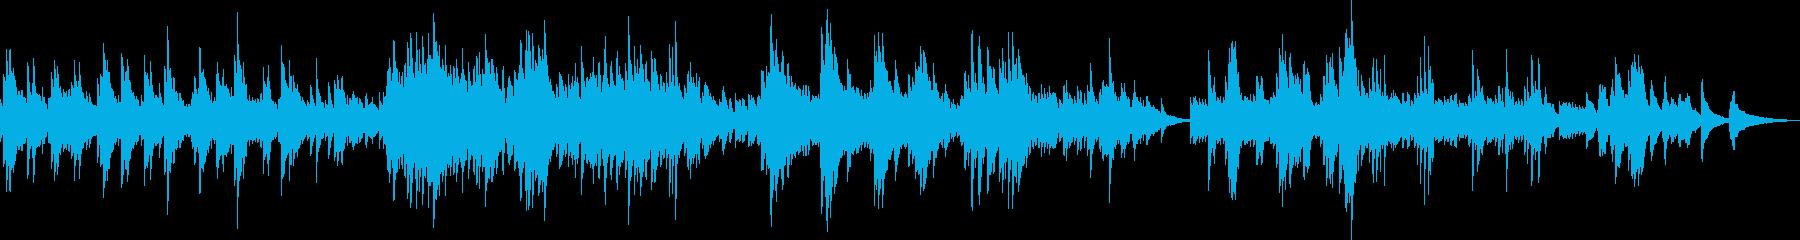 大人の哀愁漂う悲しいピアノ曲の再生済みの波形